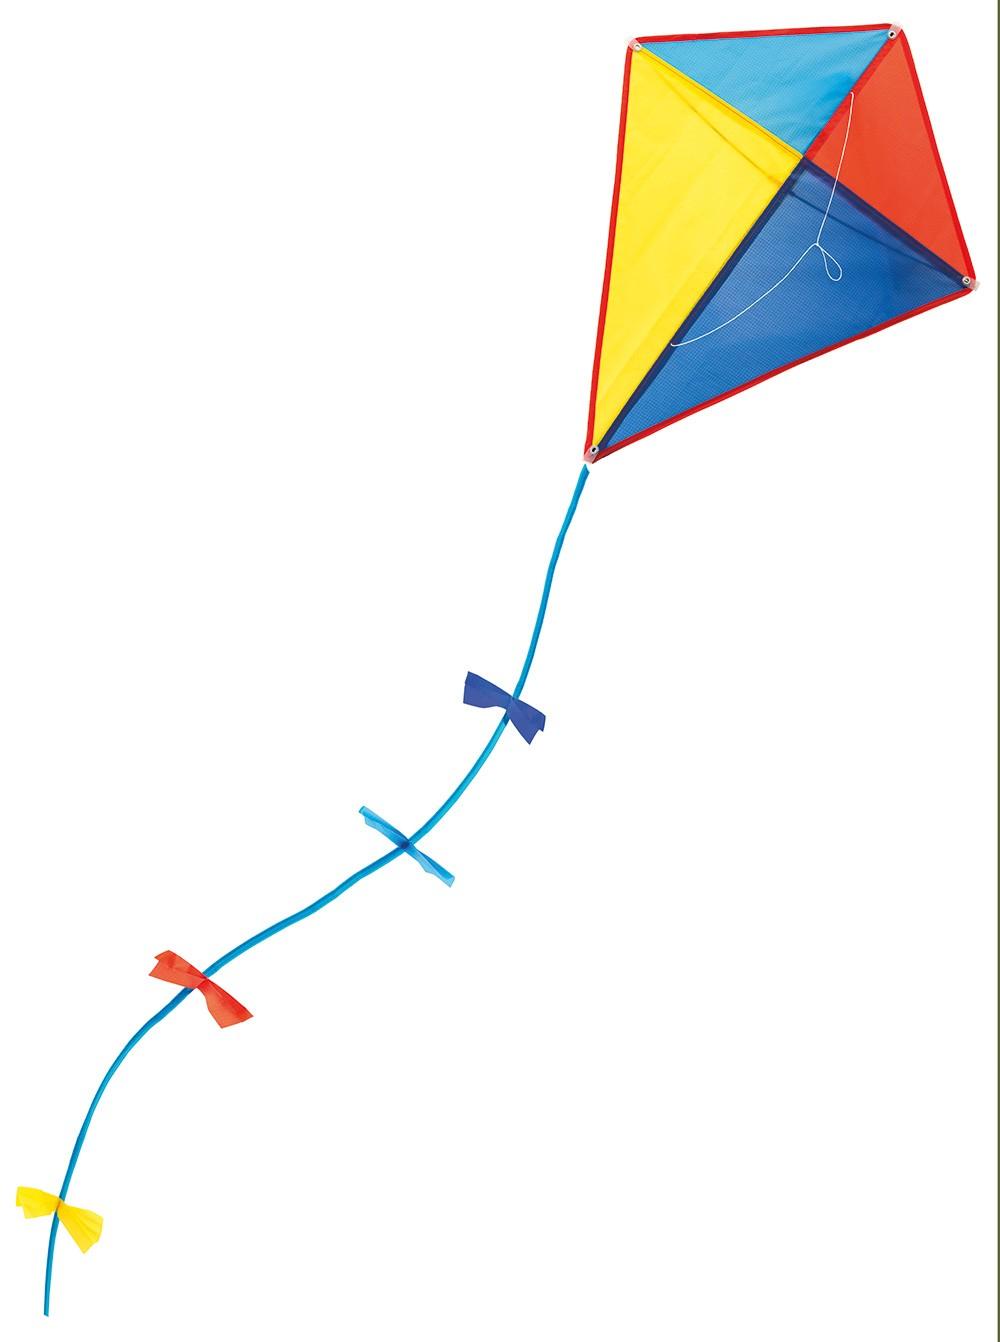 un cerf volant